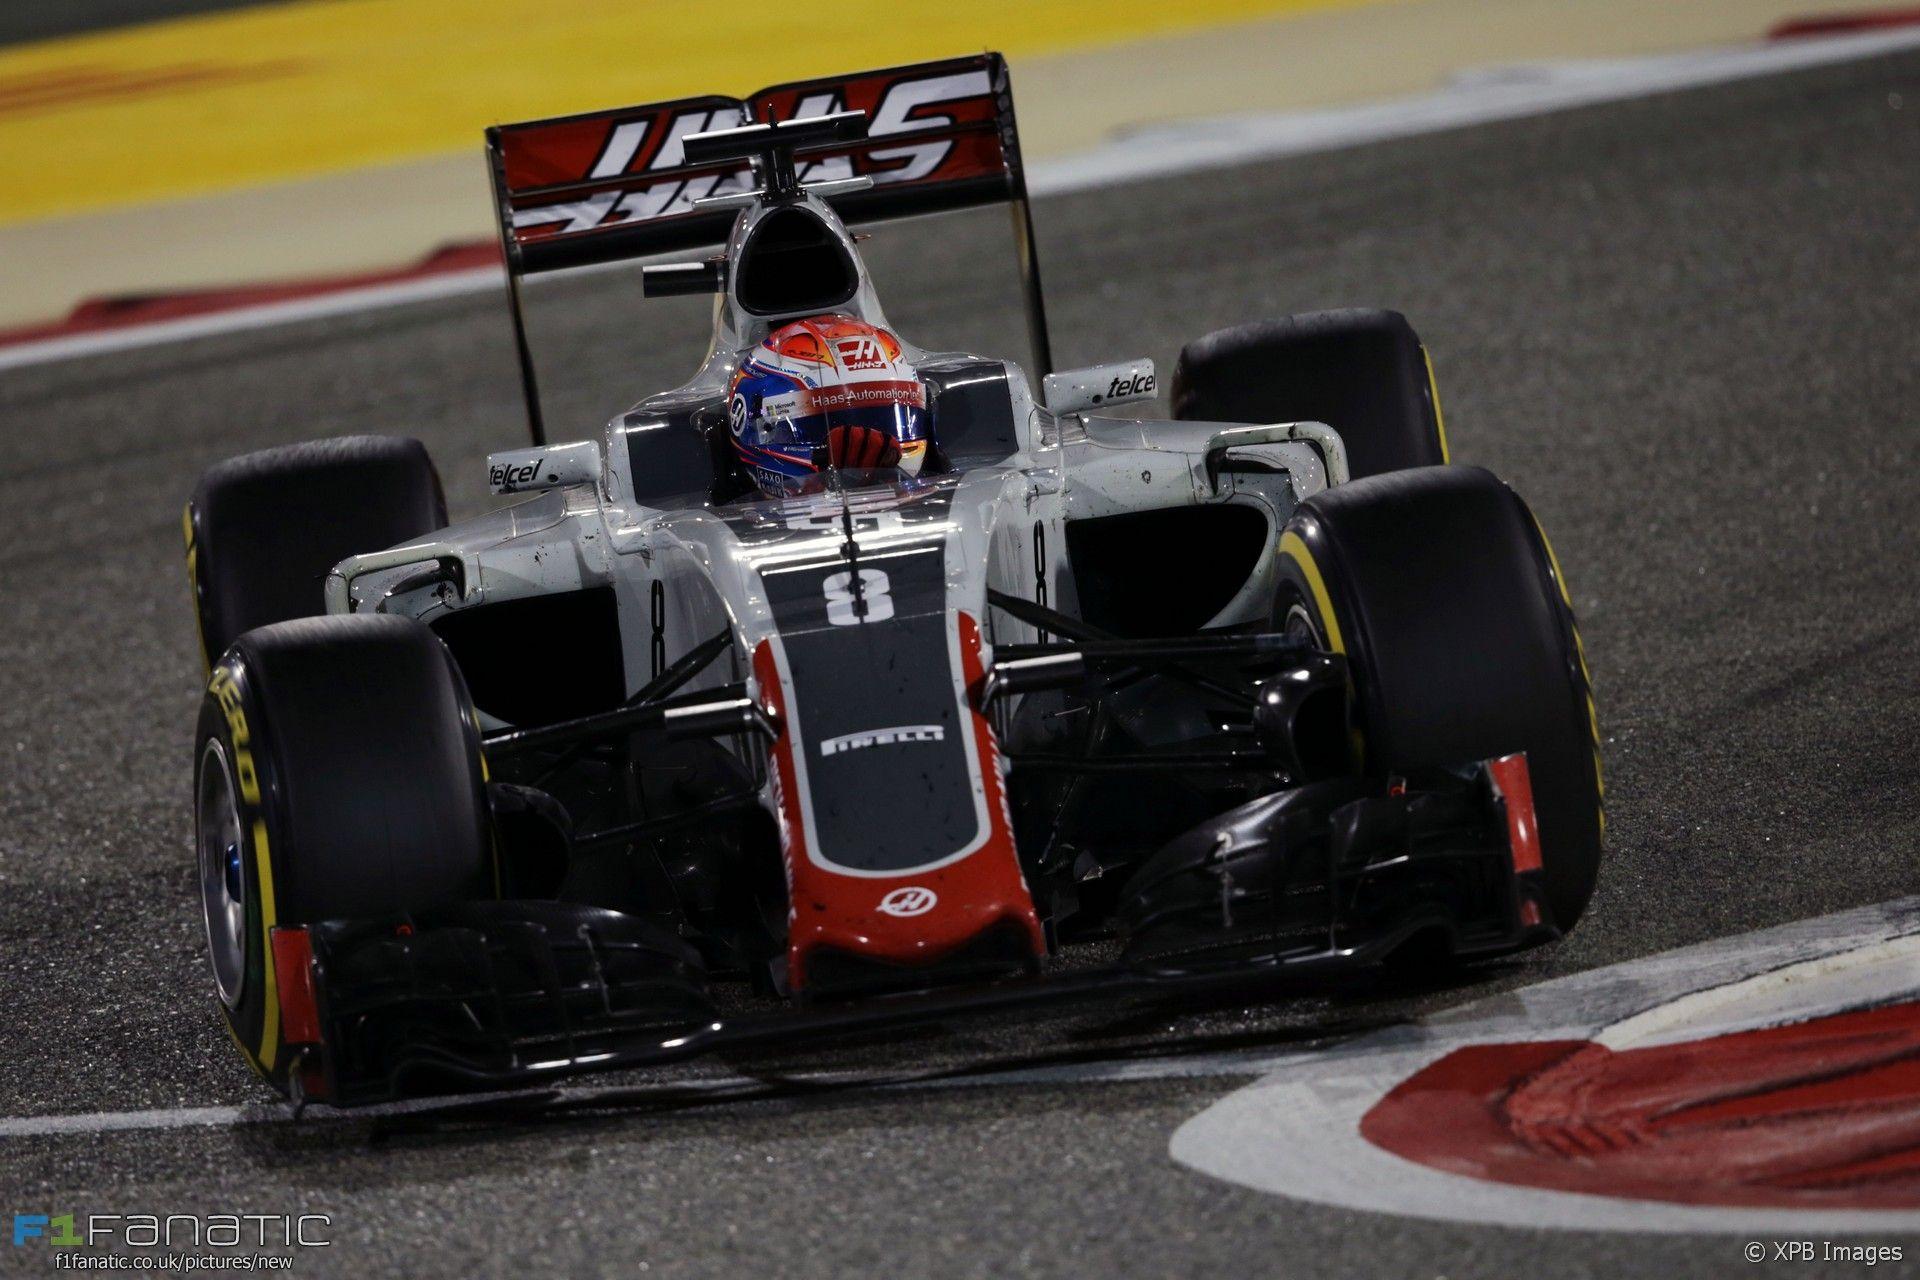 Buona la prima. Pur andando a punti con il solo Grosjean (in foto, durante il GP del Bahrain, chiuso al 5° posto), la Haas ha ottenuto un rimarchevole 8° posto Costruttori (foto da: f1fanatics.co.uk / XPB Images)